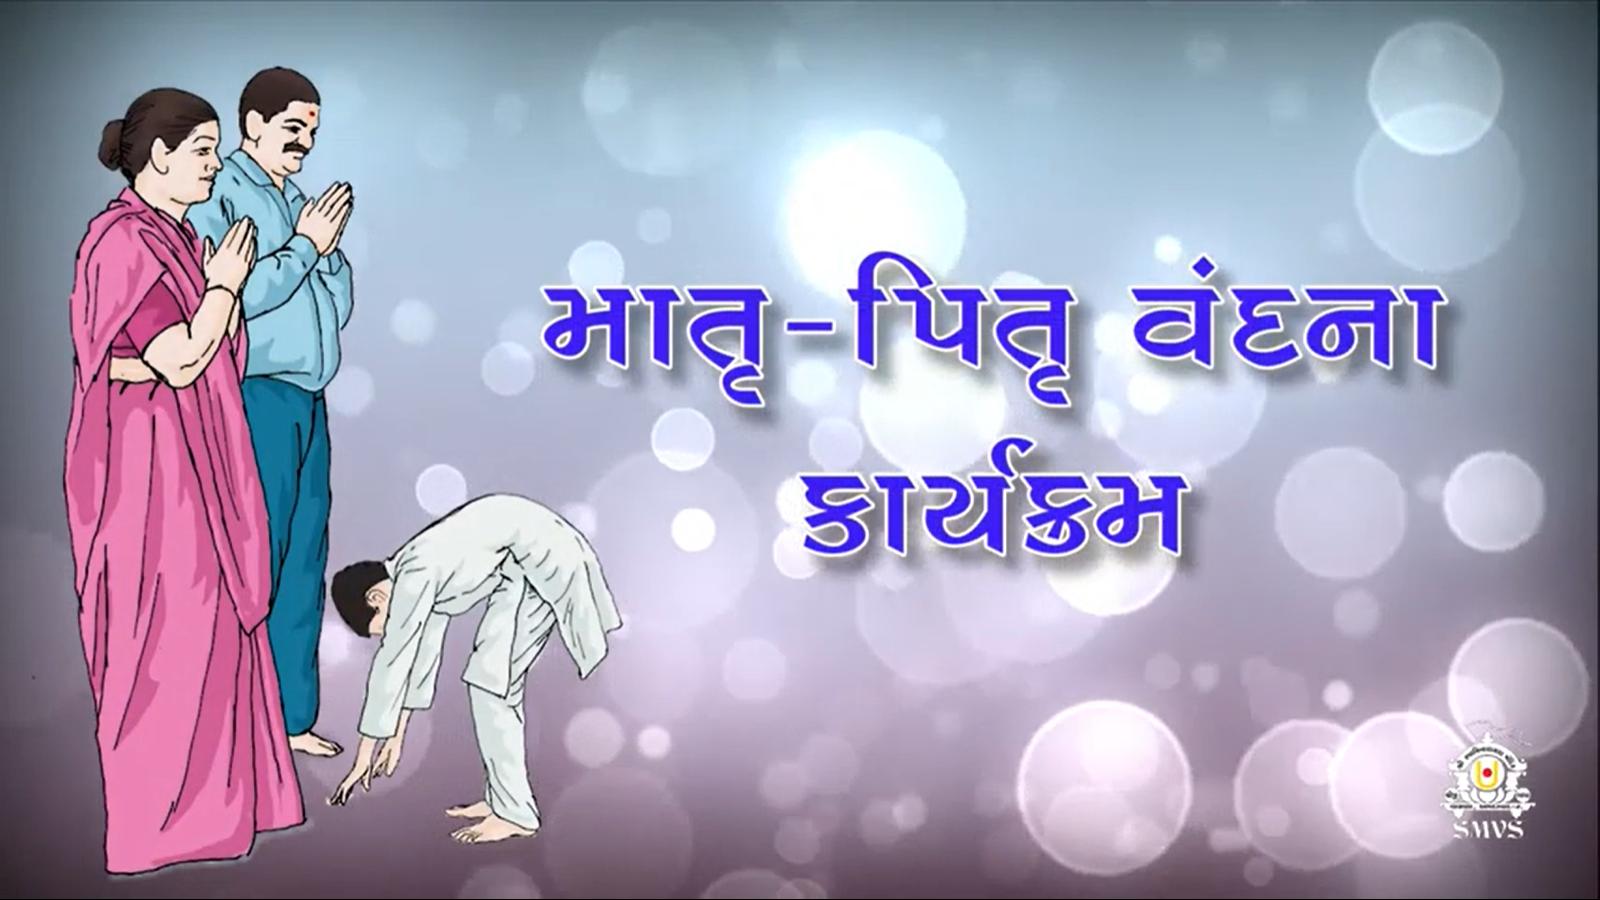 Matru Pitru Vandana Karyakram | Promo (Video)